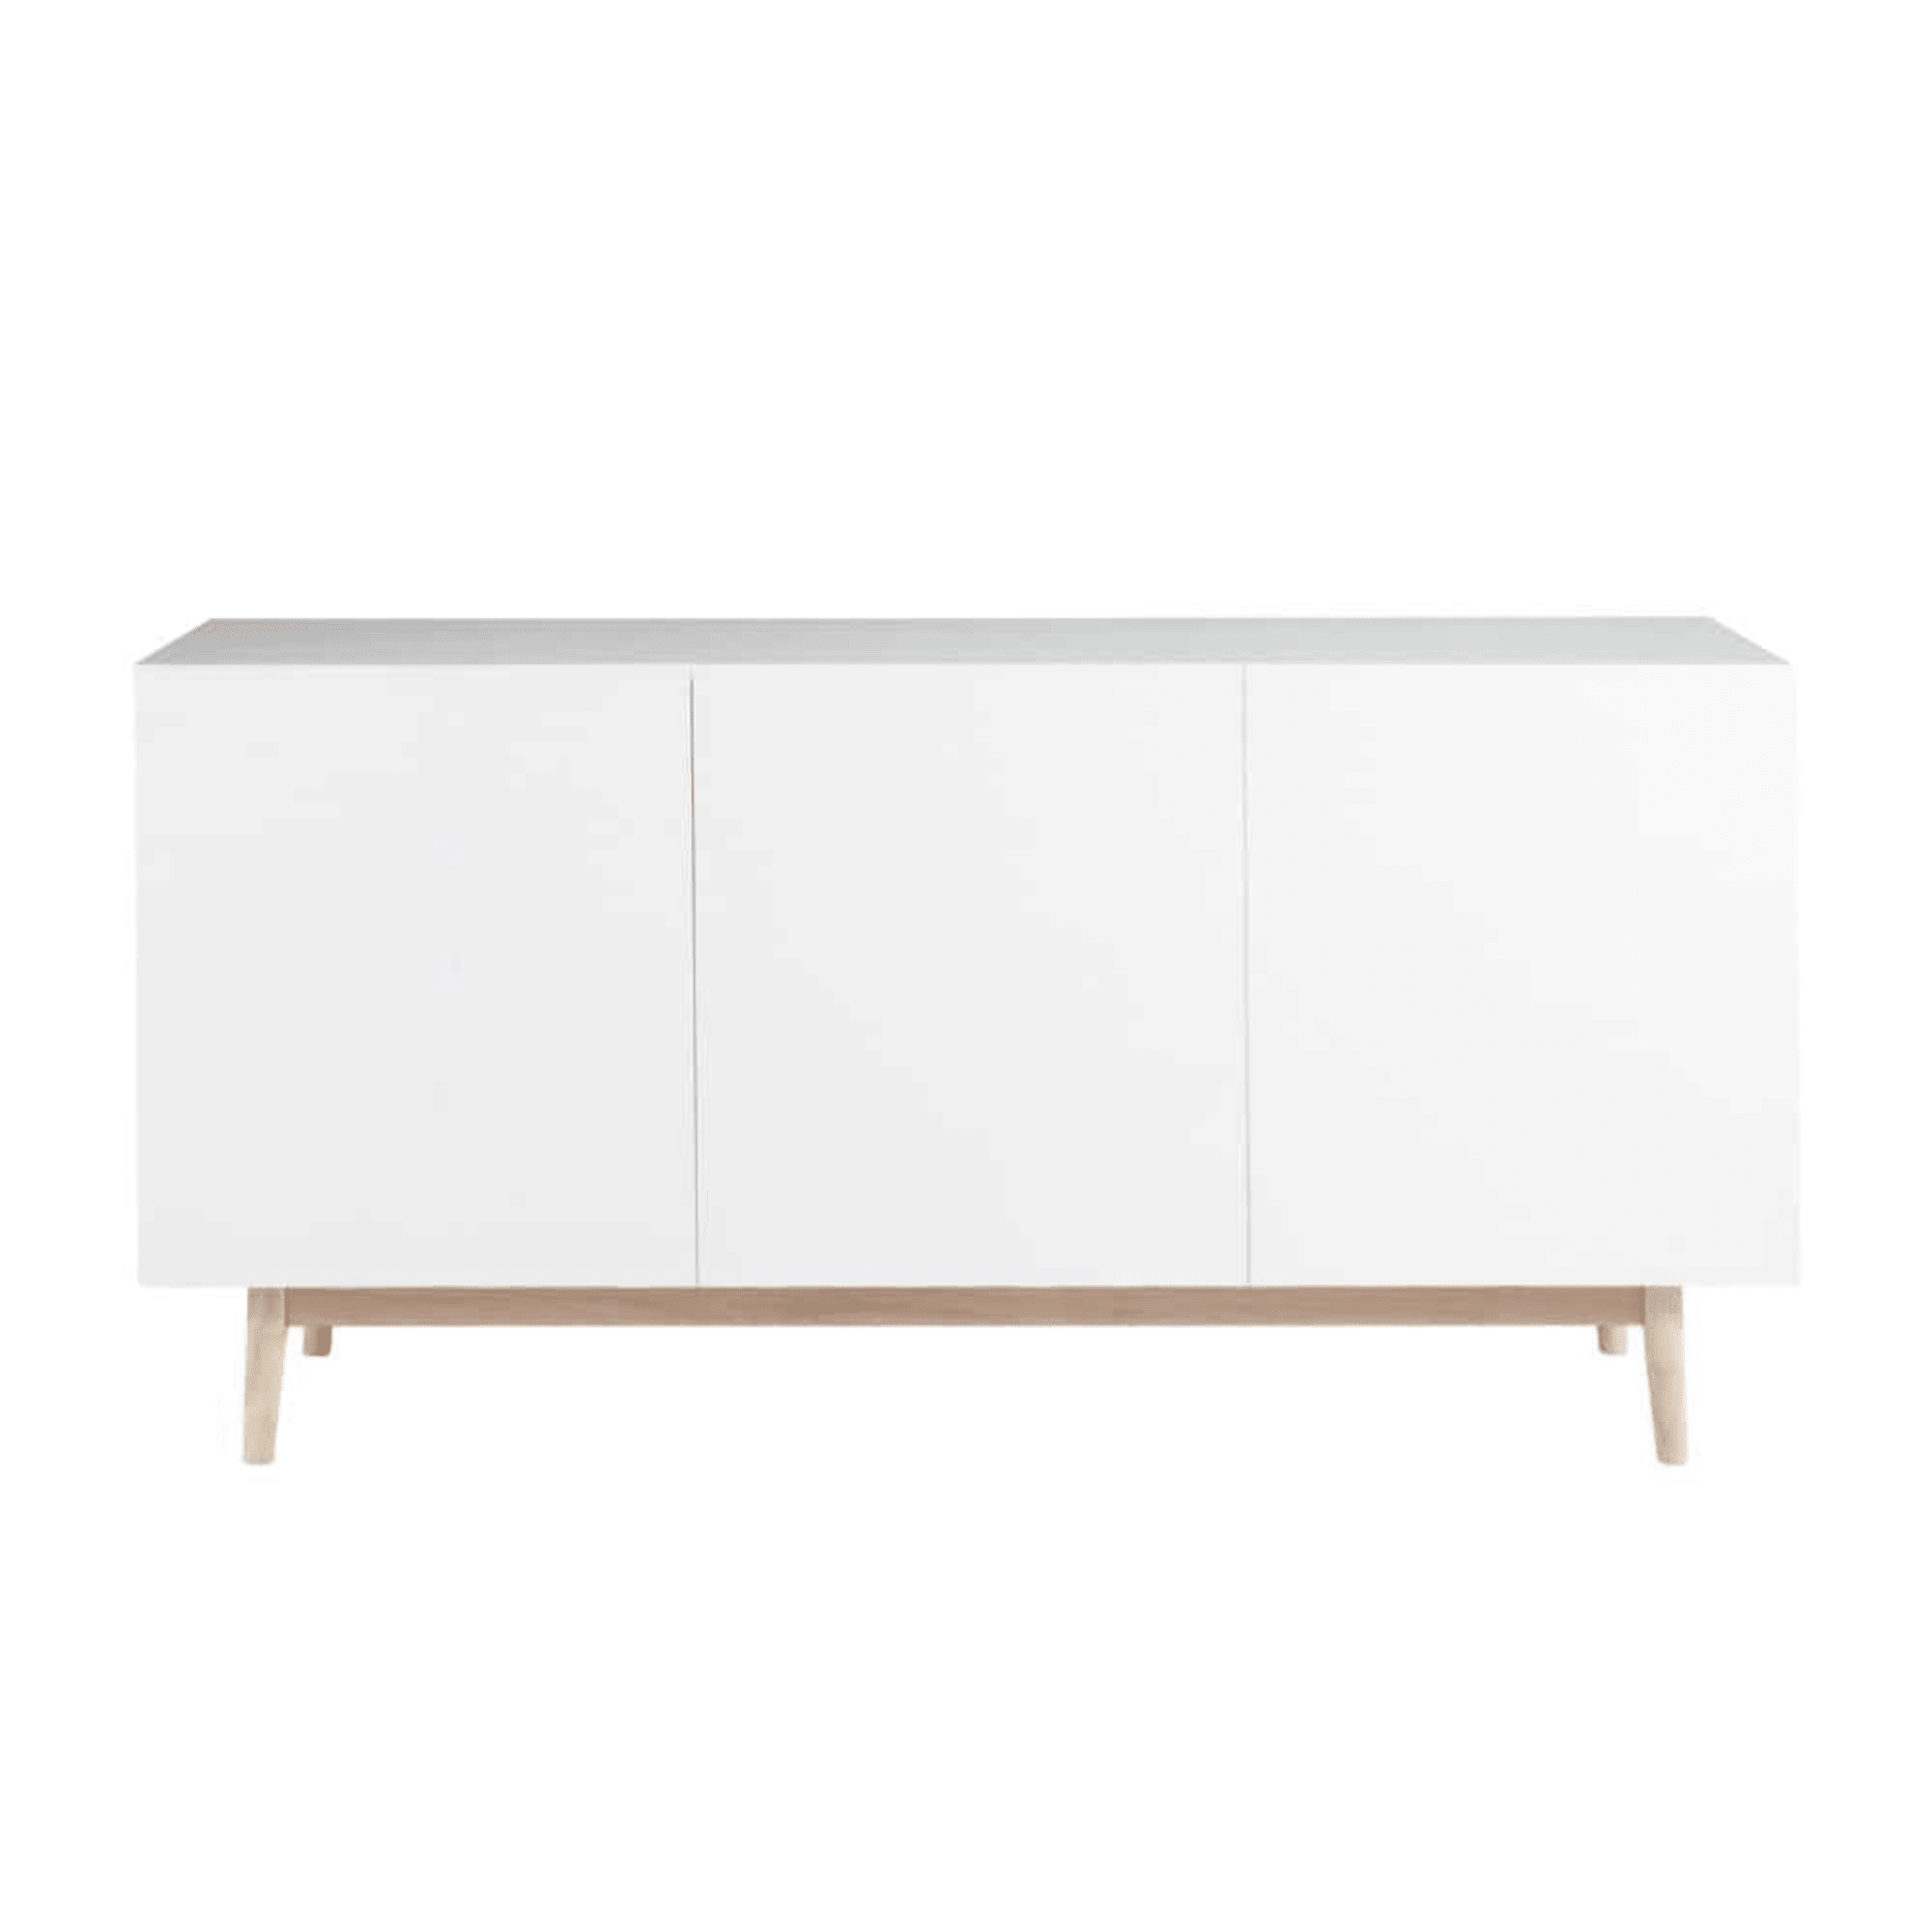 Sideboard Wohnzimmerschrank Kommode Deviso 160 Cm Breit Weiss Eiche Westminster Ebay In 2020 Wohnzimmerschranke Weisse Eiche Anrichte Weiss